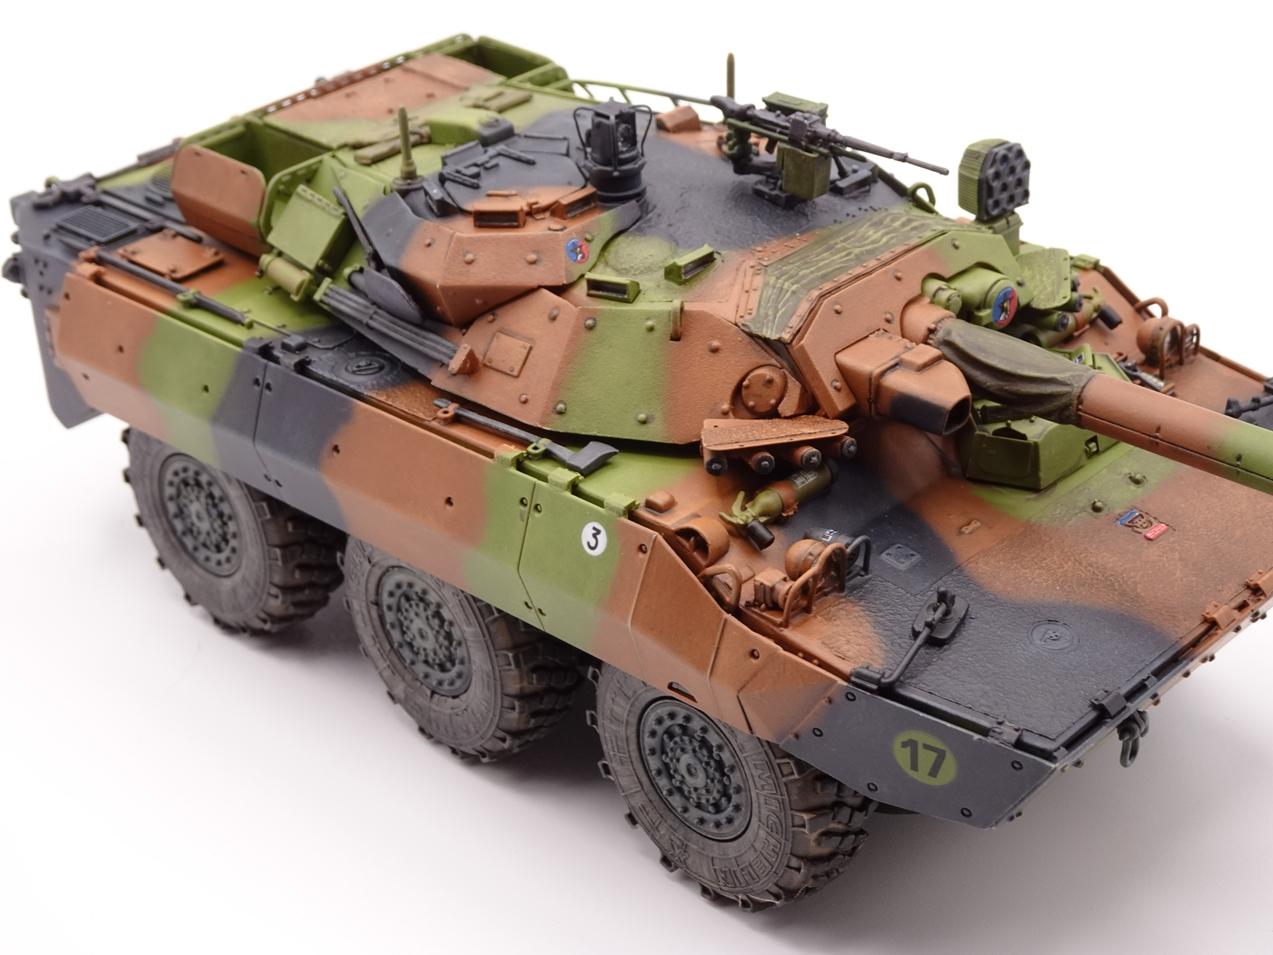 [Tiger Model] AMX-10RCR réf. 4602 - 1/35 - Page 4 Amx10-fin-3